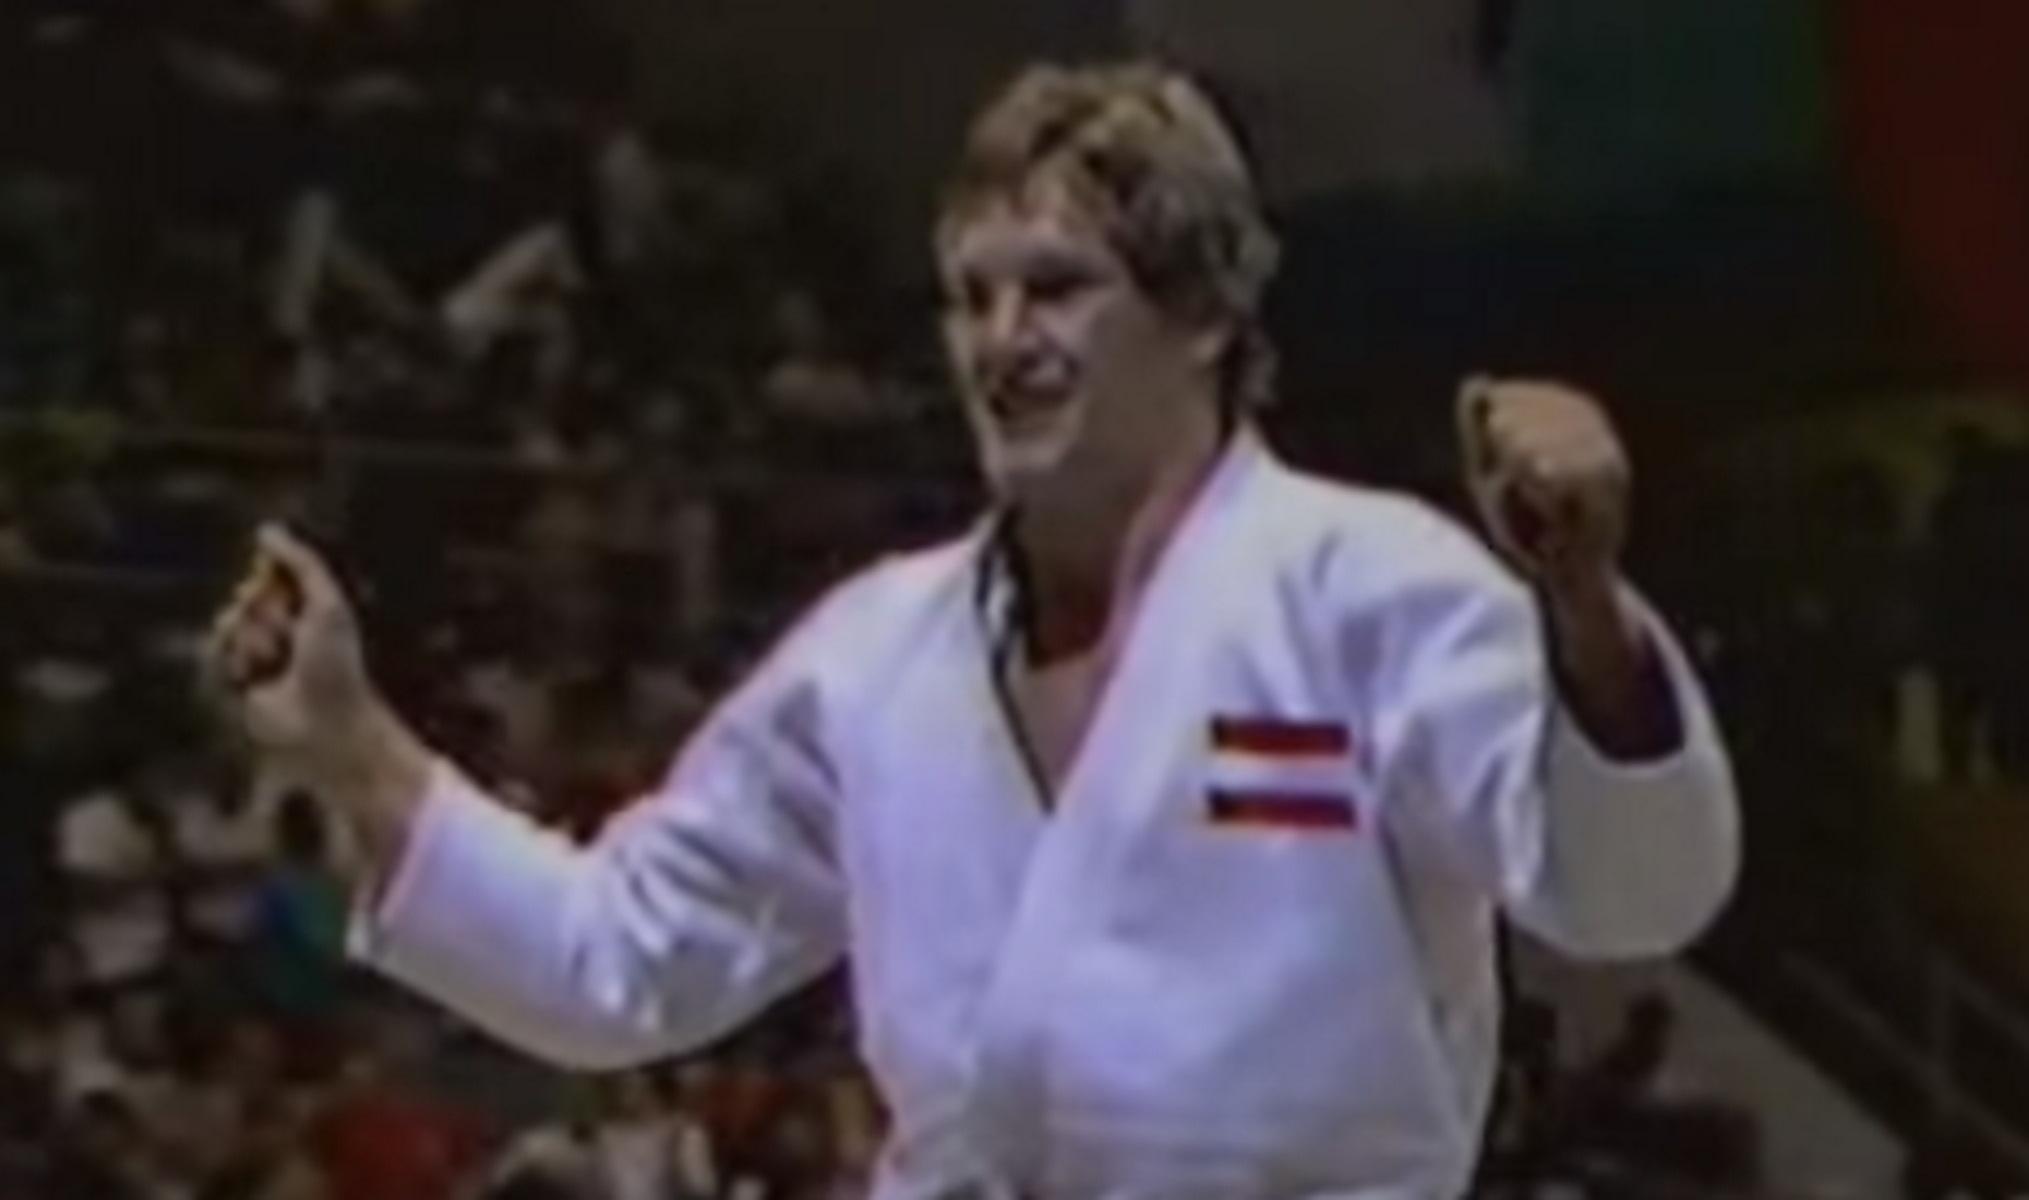 """Στη φυλακή """"χρυσός"""" Ολυμπιονίκης του τζούντο για σεξουαλική παρενόχληση ανηλίκων"""